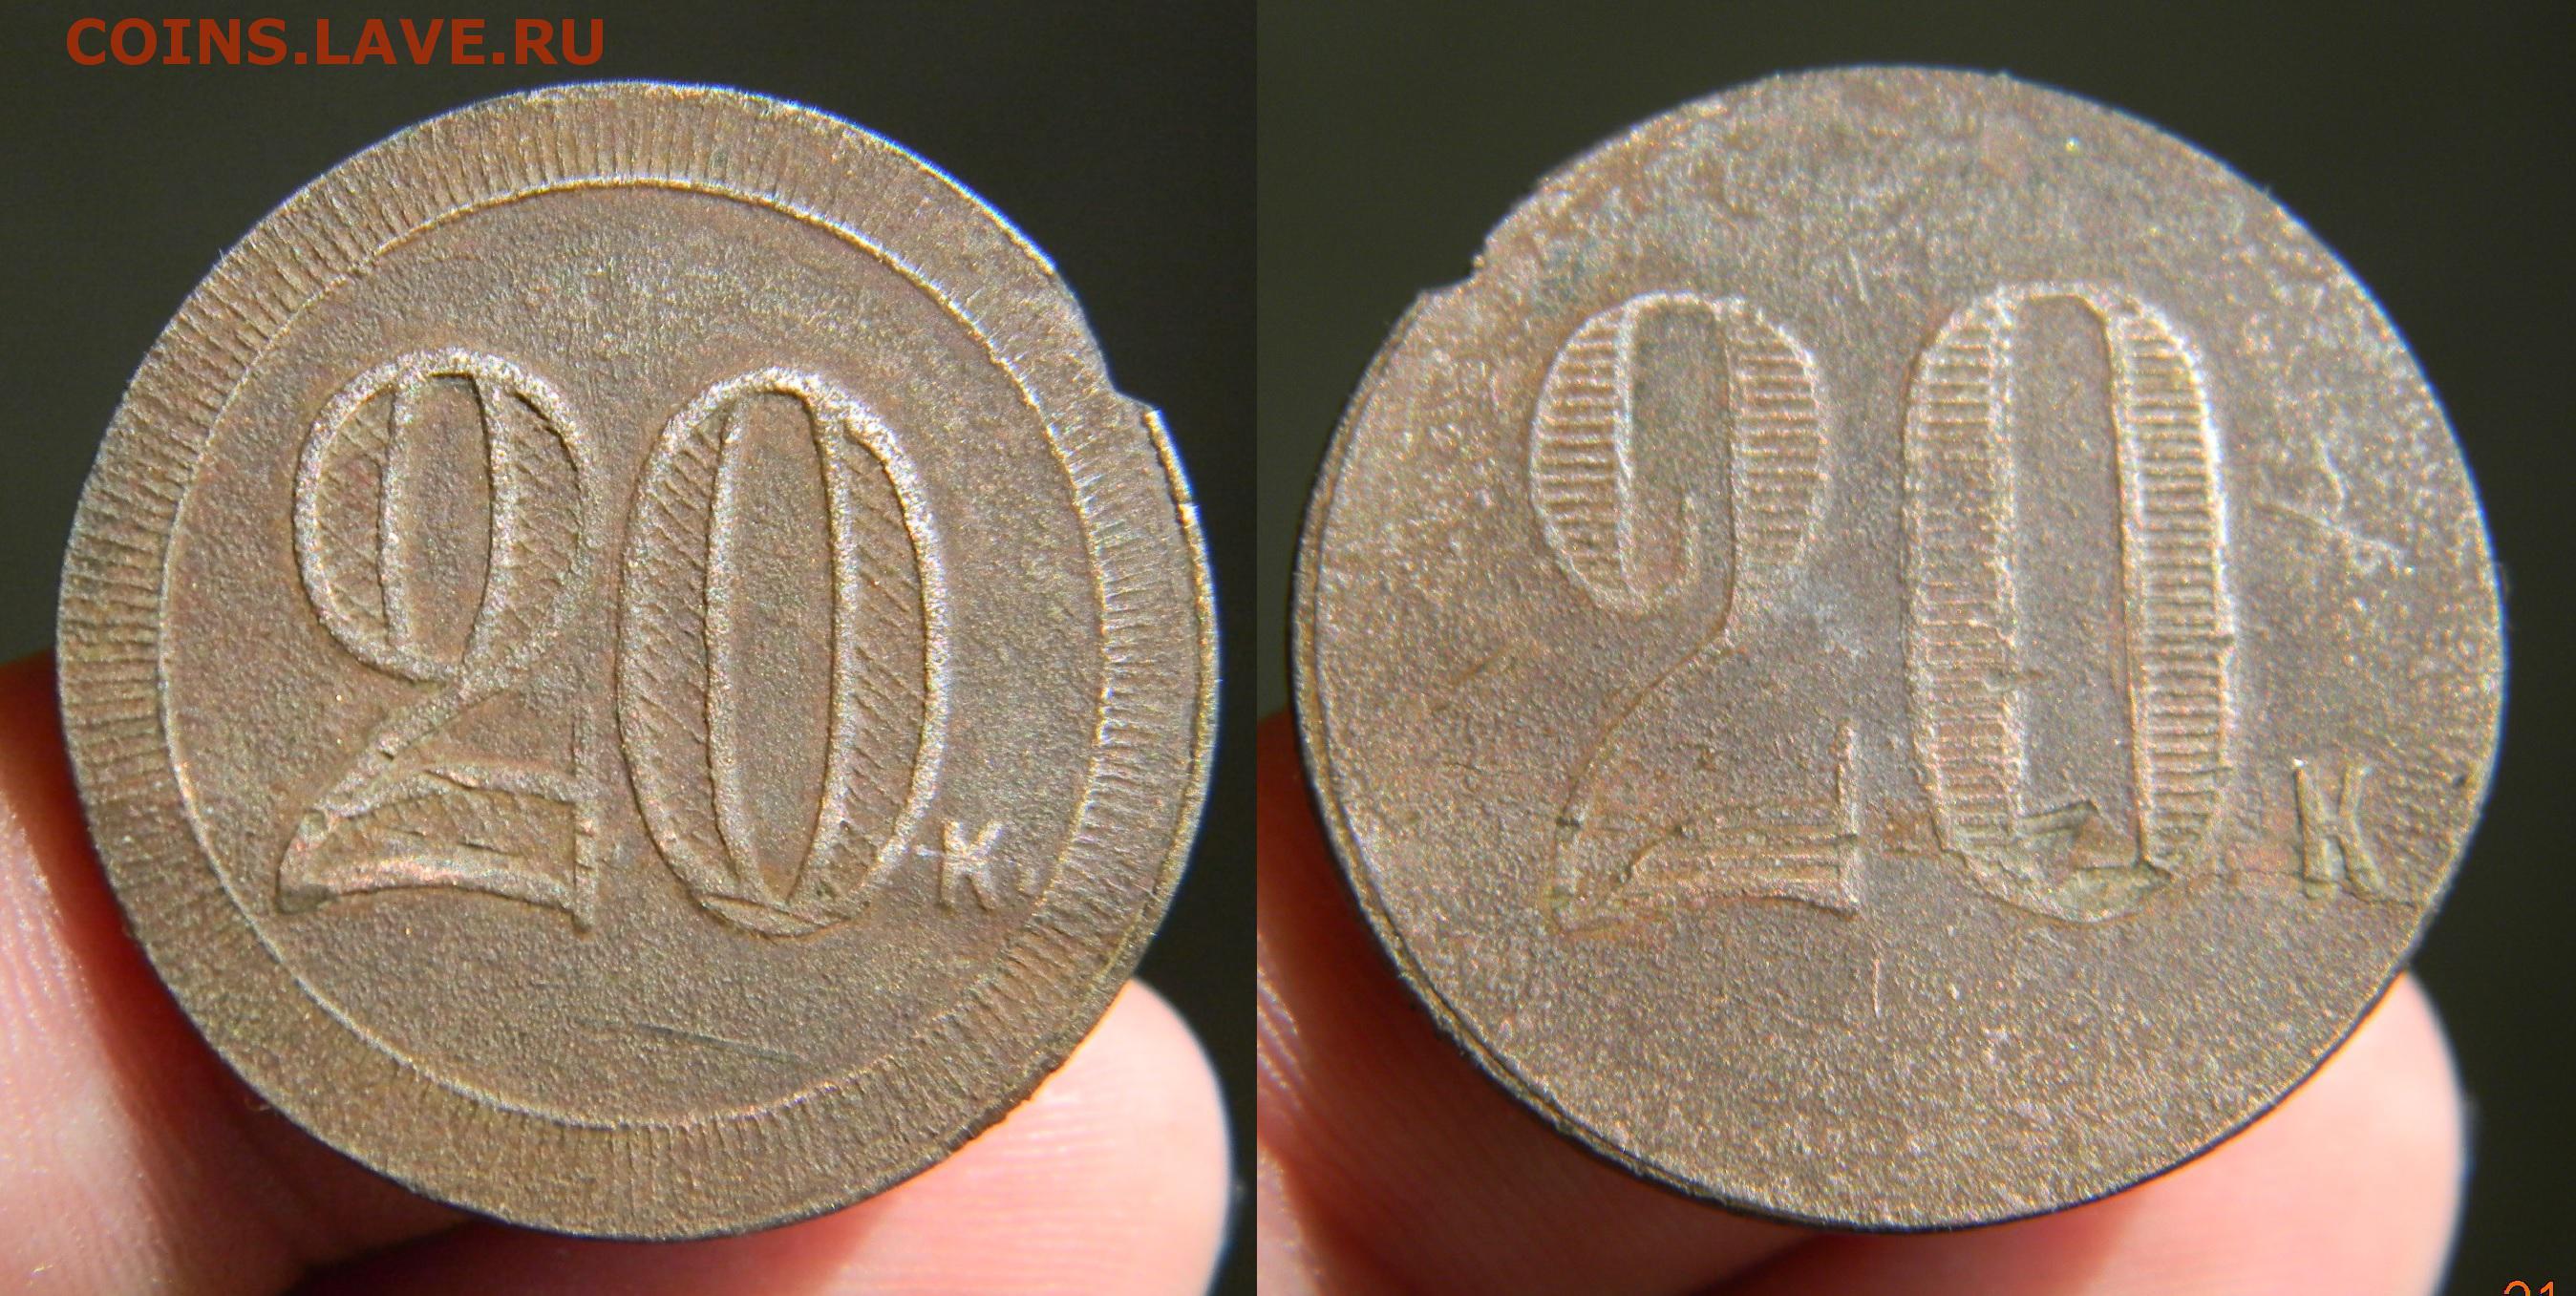 Трактирный жетон 20 коп. - монеты россии и ссср.